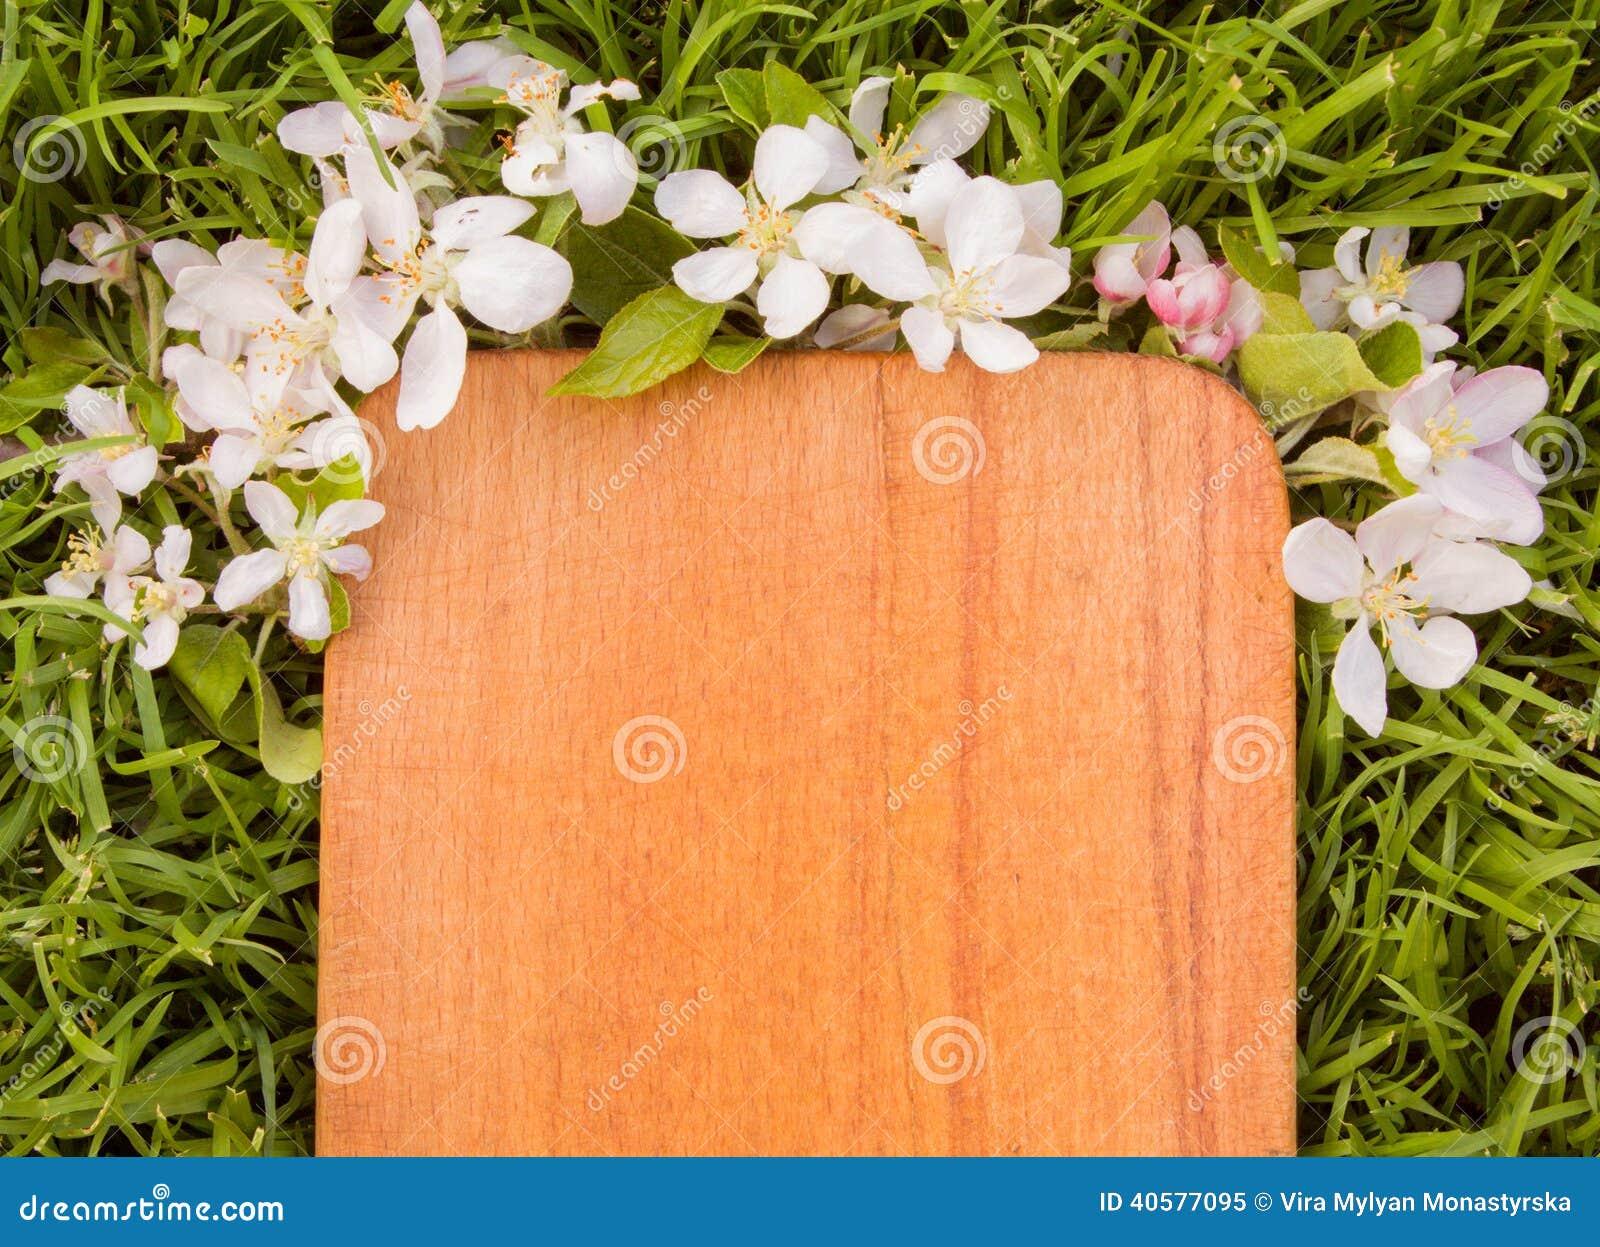 Деревянная доска и ветвь цветка яблони